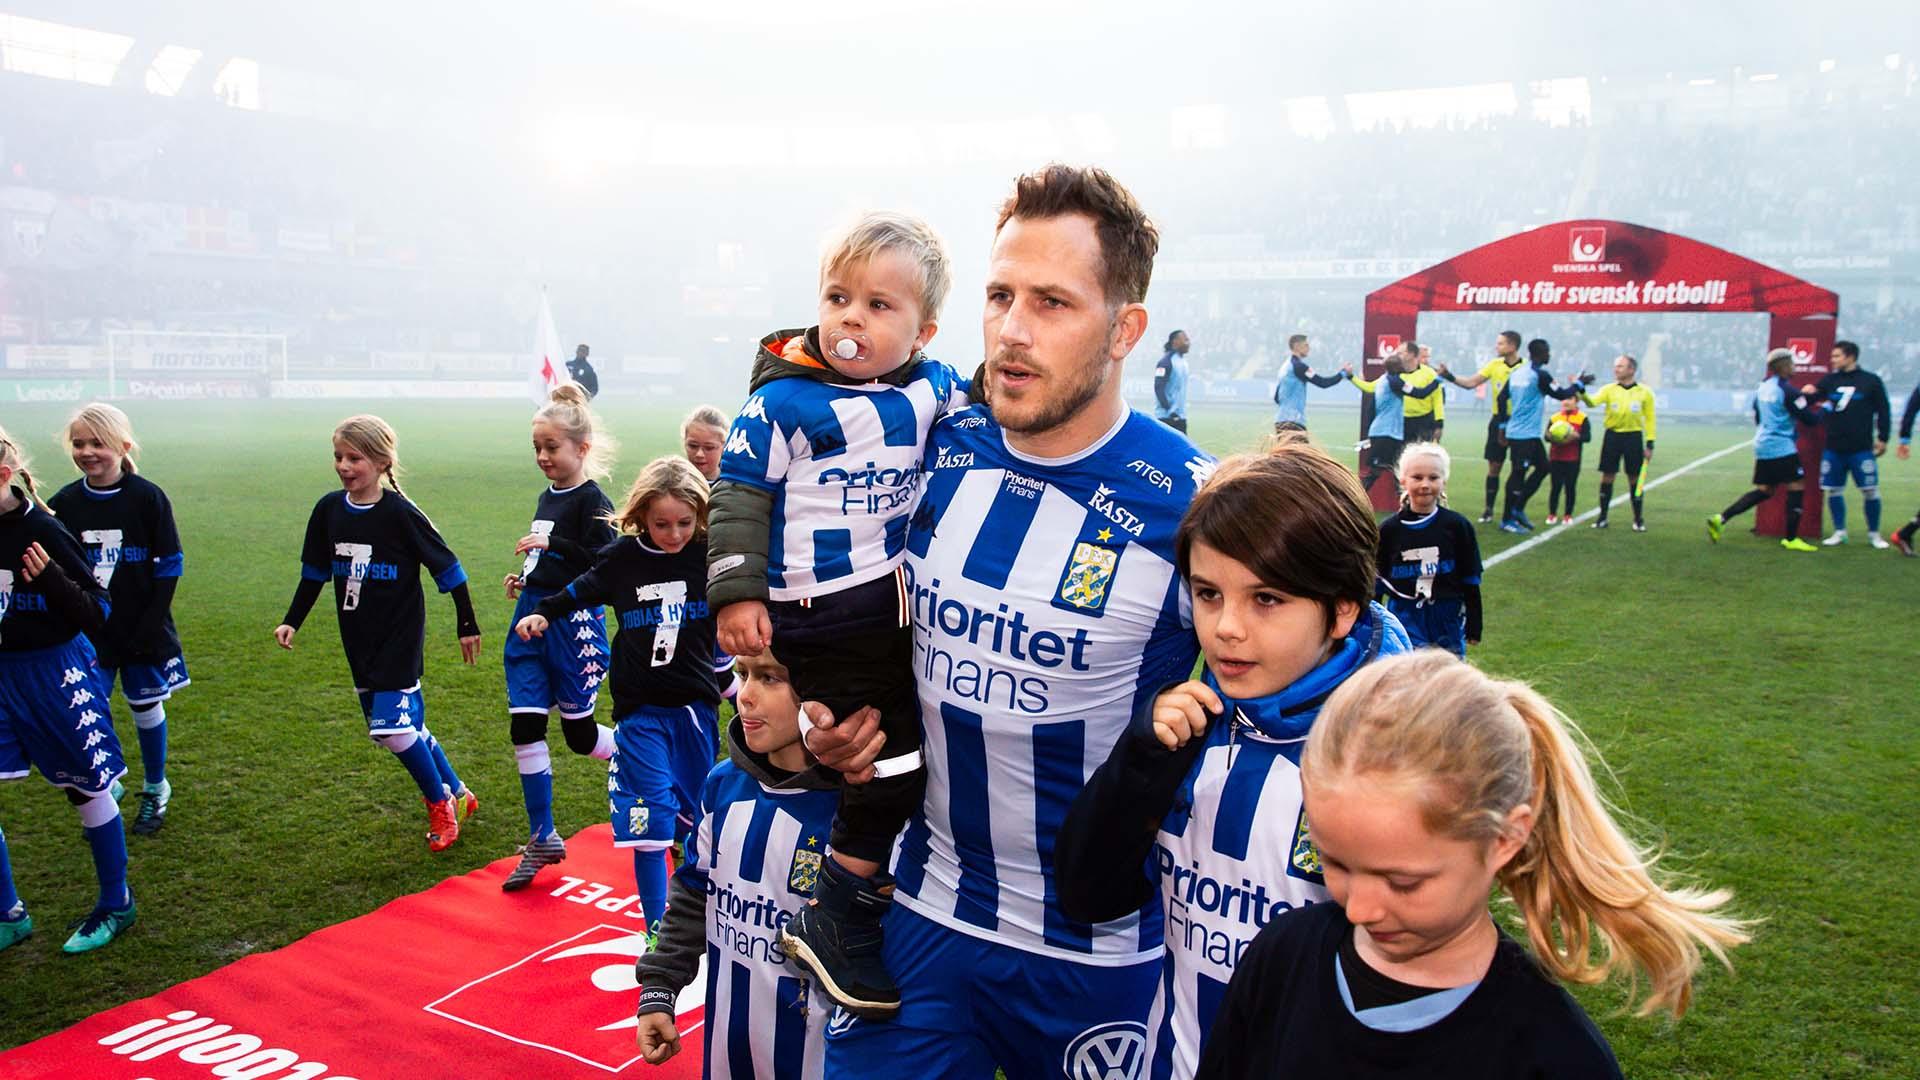 181104 IFK Göteborgs Tobias Hysén inför fotbollsmatchen i Allsvenskan mellan IFK Göteborg och Malmö FF den 4 november 2018 i Göteborg. Foto: Michael Erichsen / BILDBYRÅN / Cop 89 / 57999_407